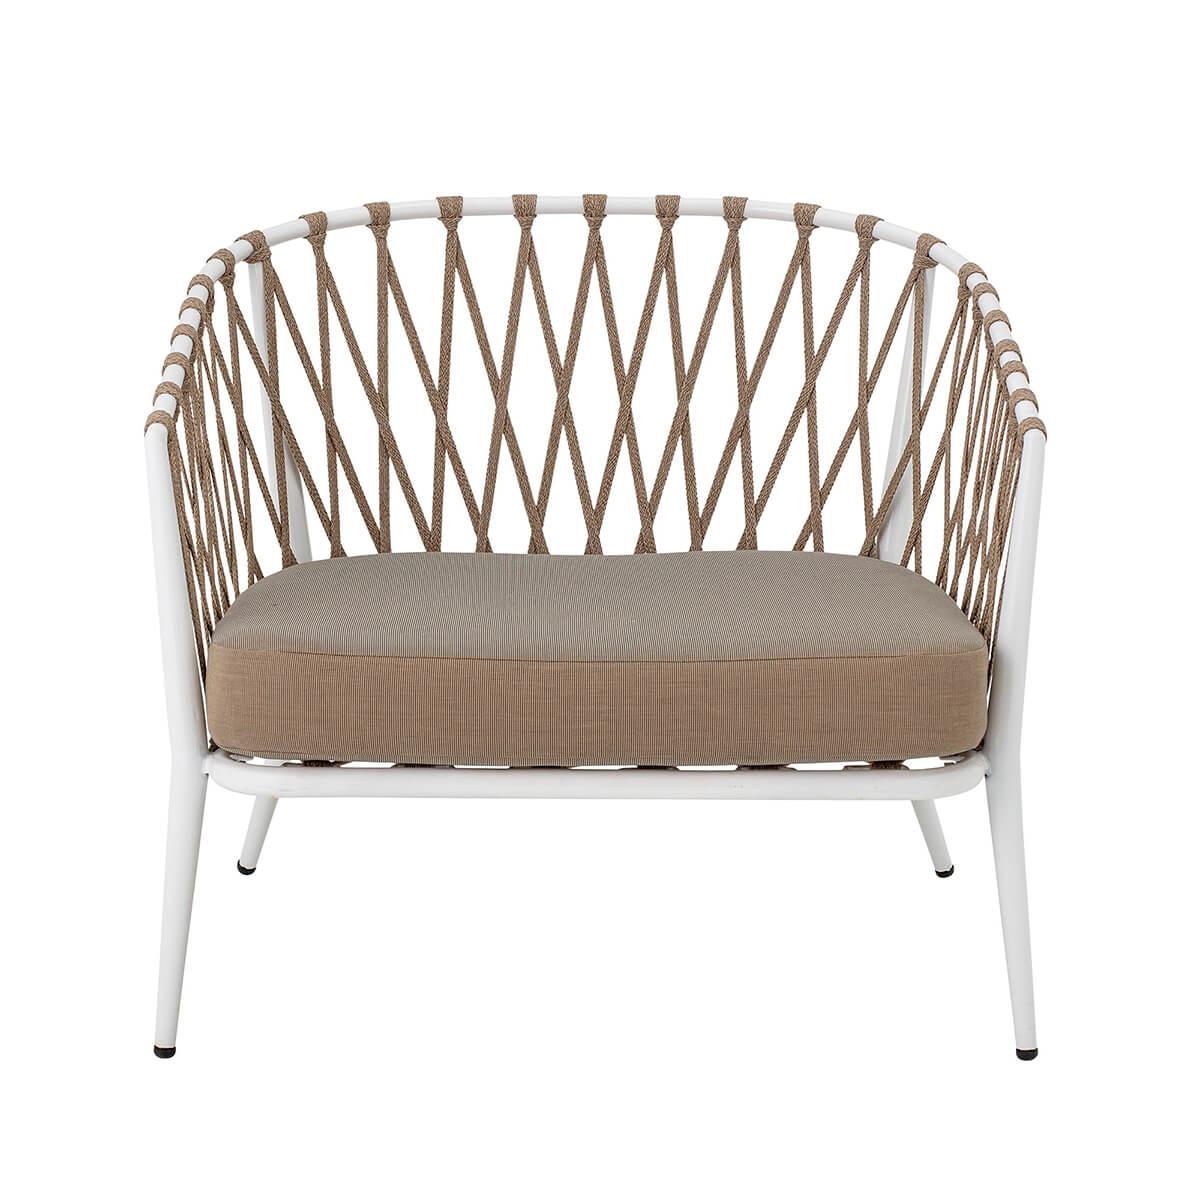 Fehér kerti fotel fagyálló és vízálló kivitelben skandináv stílusban